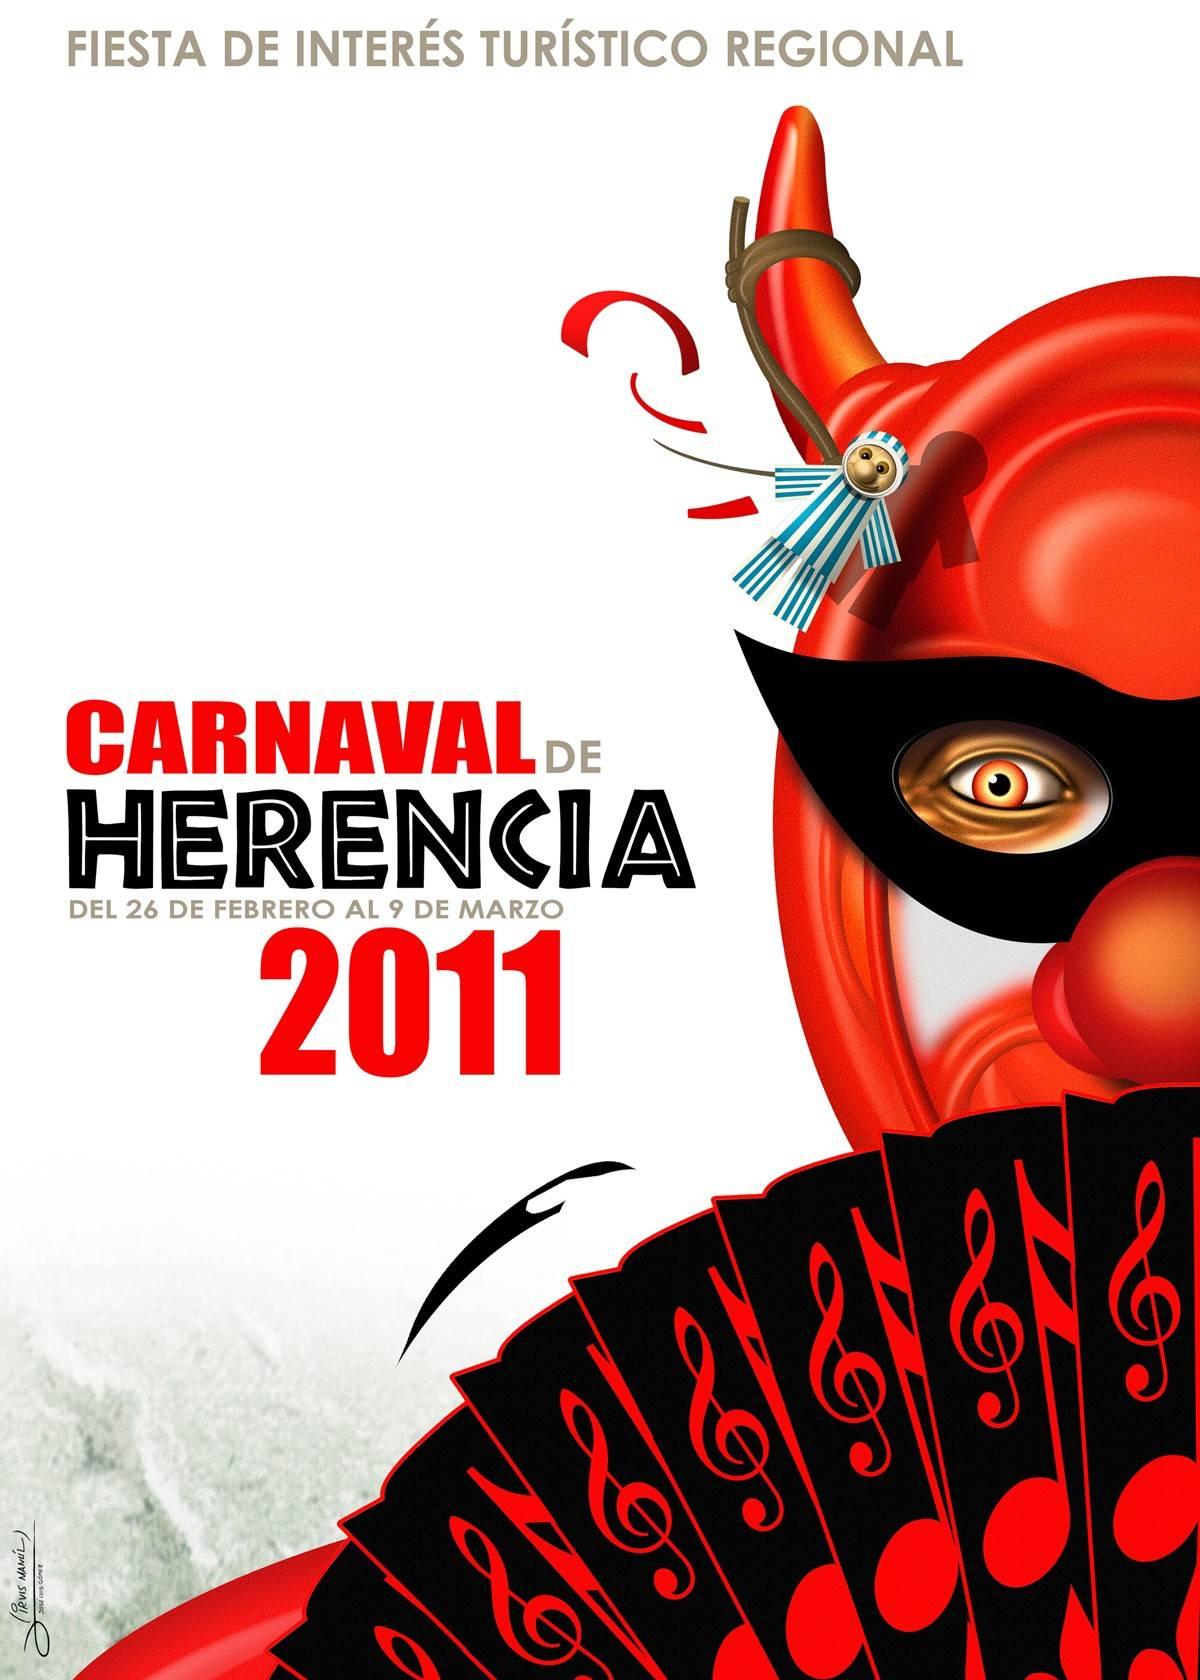 cartel carnaval de herencia 2011 - Diablo burlón la nueva imagen para el Carnaval de Herencia 2011